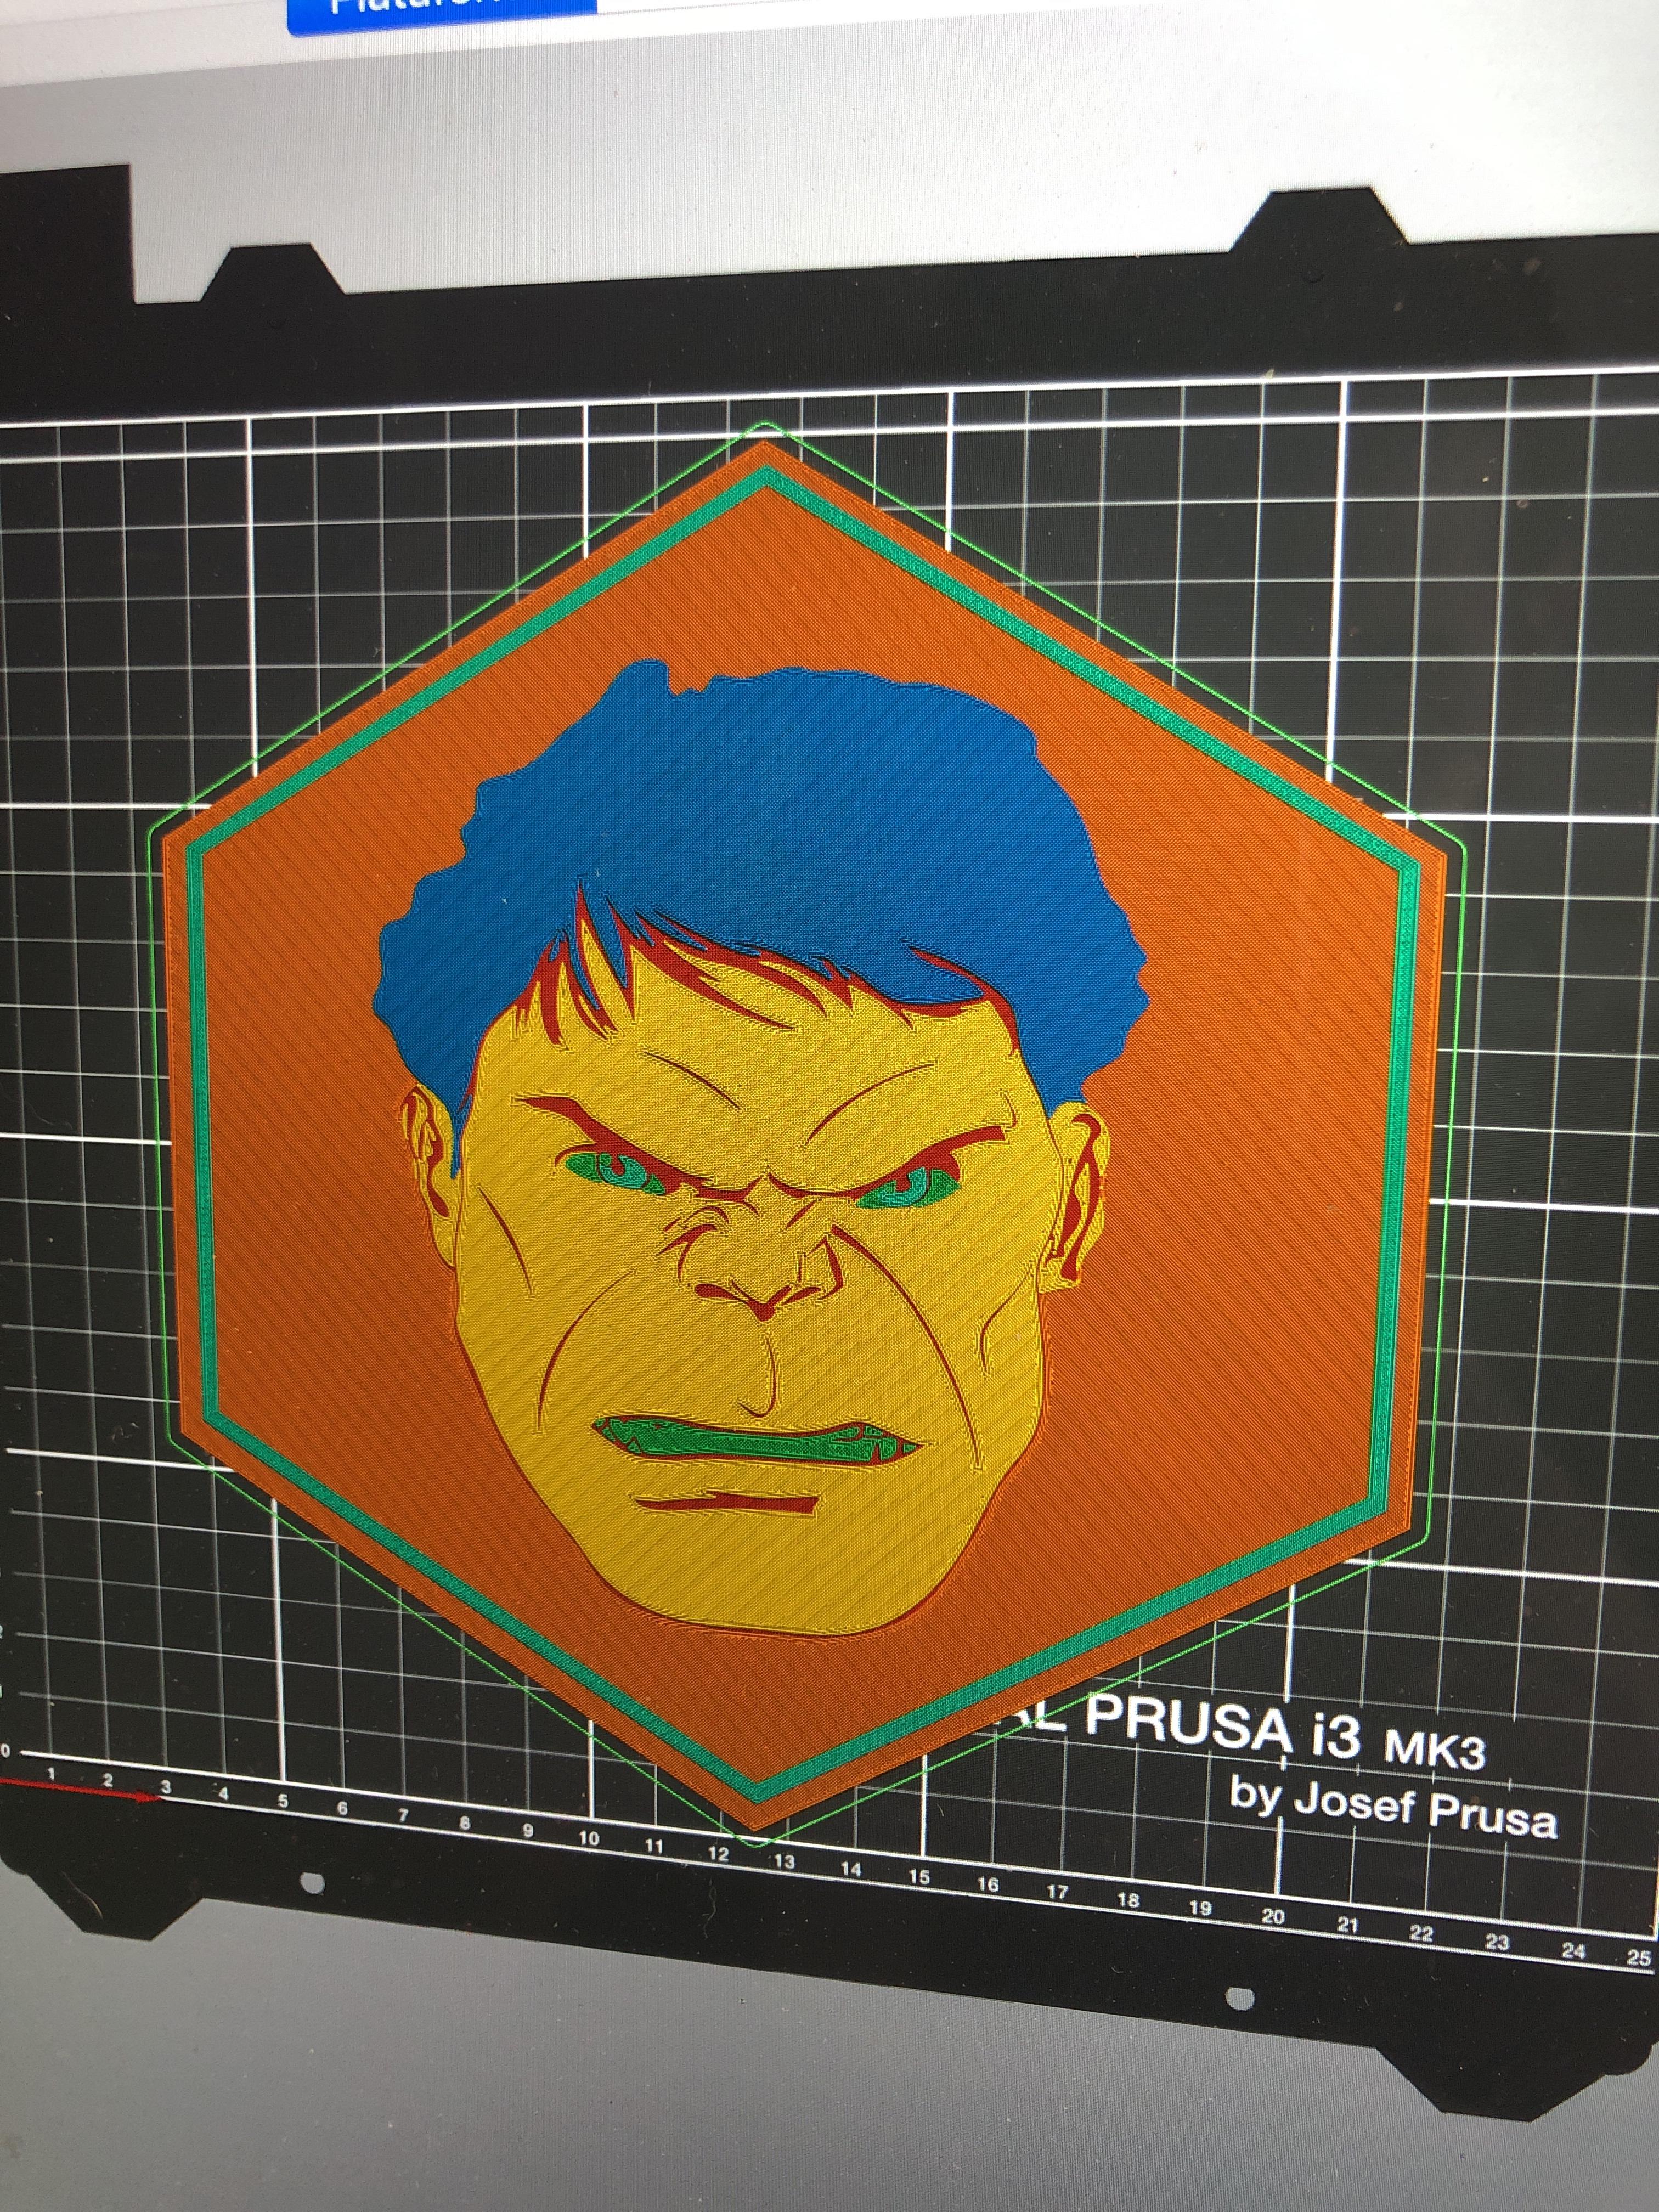 EE878F7B-2F3F-4582-9150-46DEF8BA8F00.jpeg Download free STL file HULK PLATE • Template to 3D print, 3Dimpact